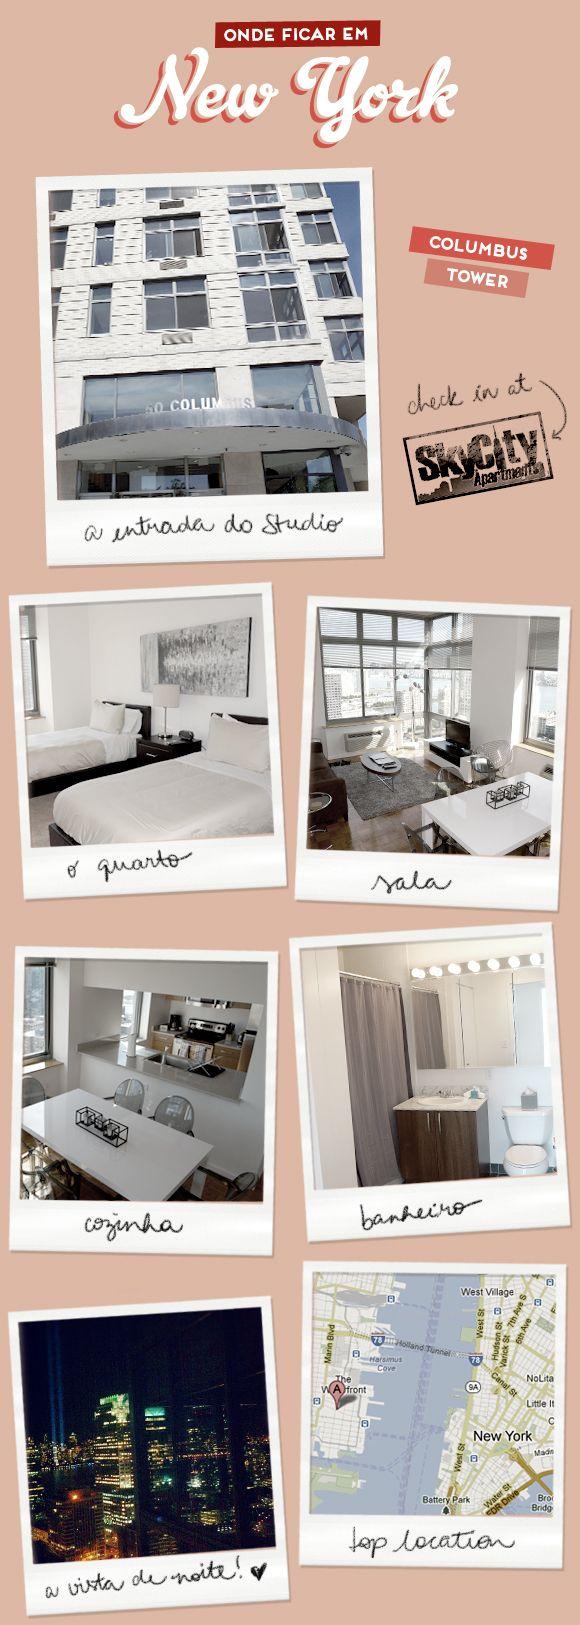 Onde ficar em NY | Sky City Apartments